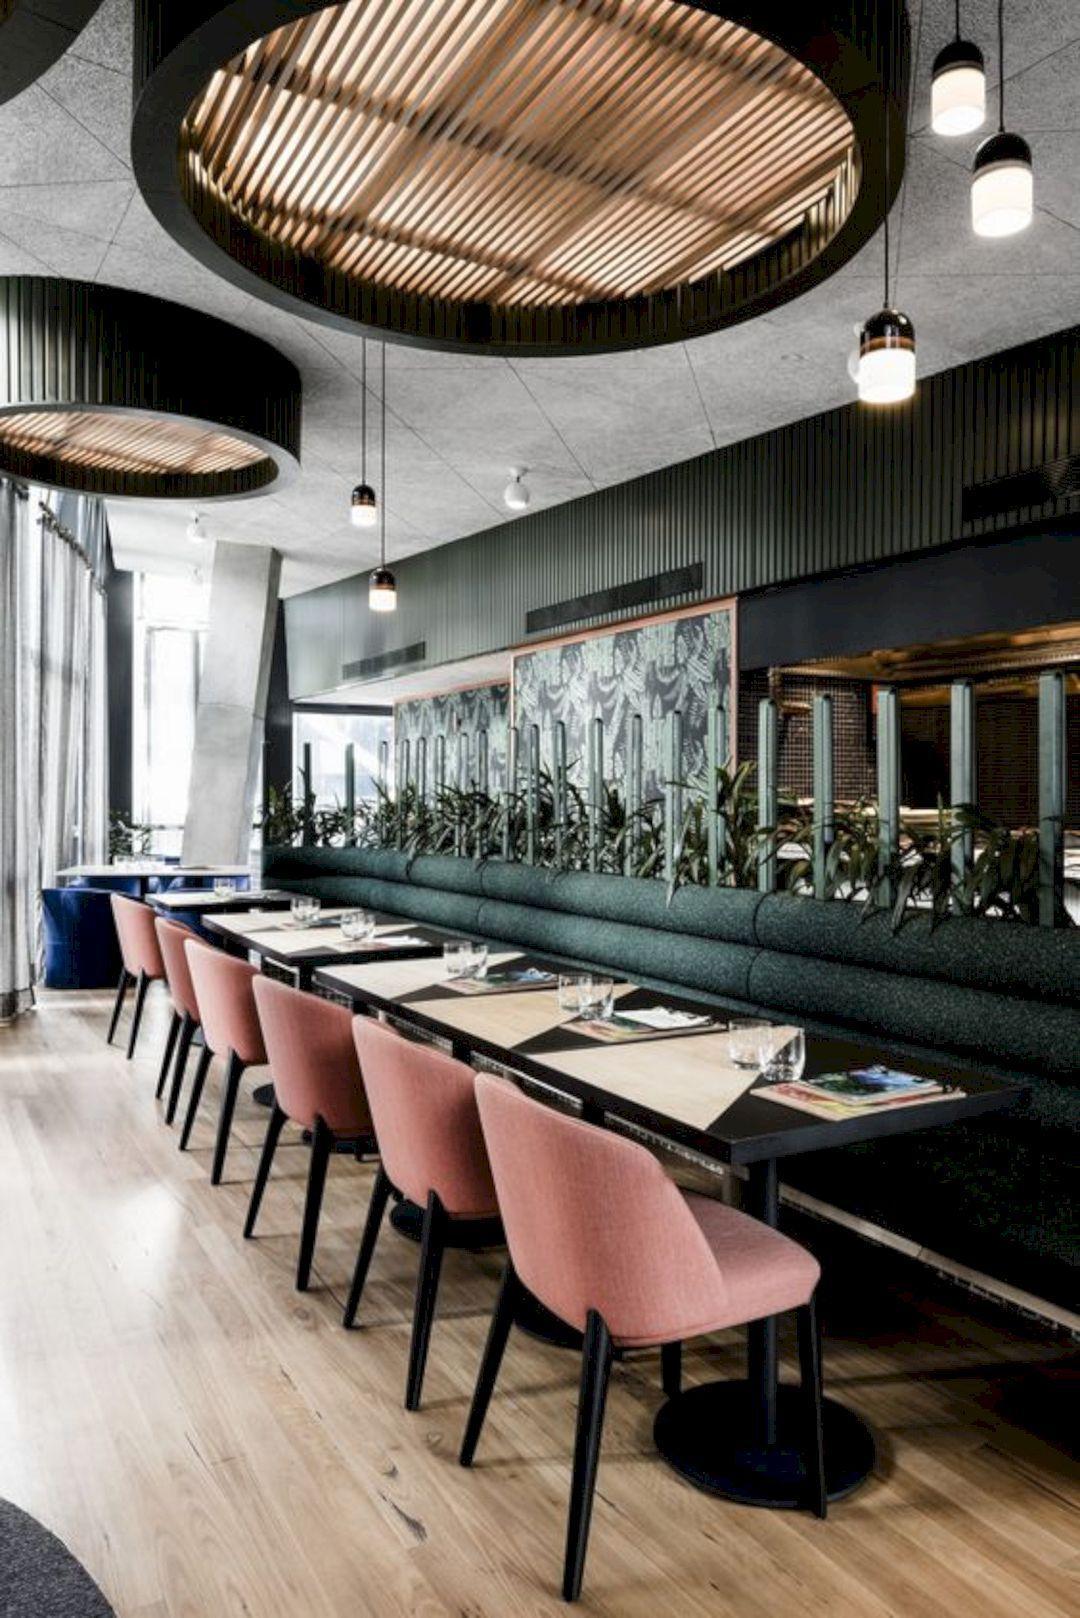 4 Amazing Bar Interior Design Ideas Restaurant Design Cafe Interior Bar Interior Design